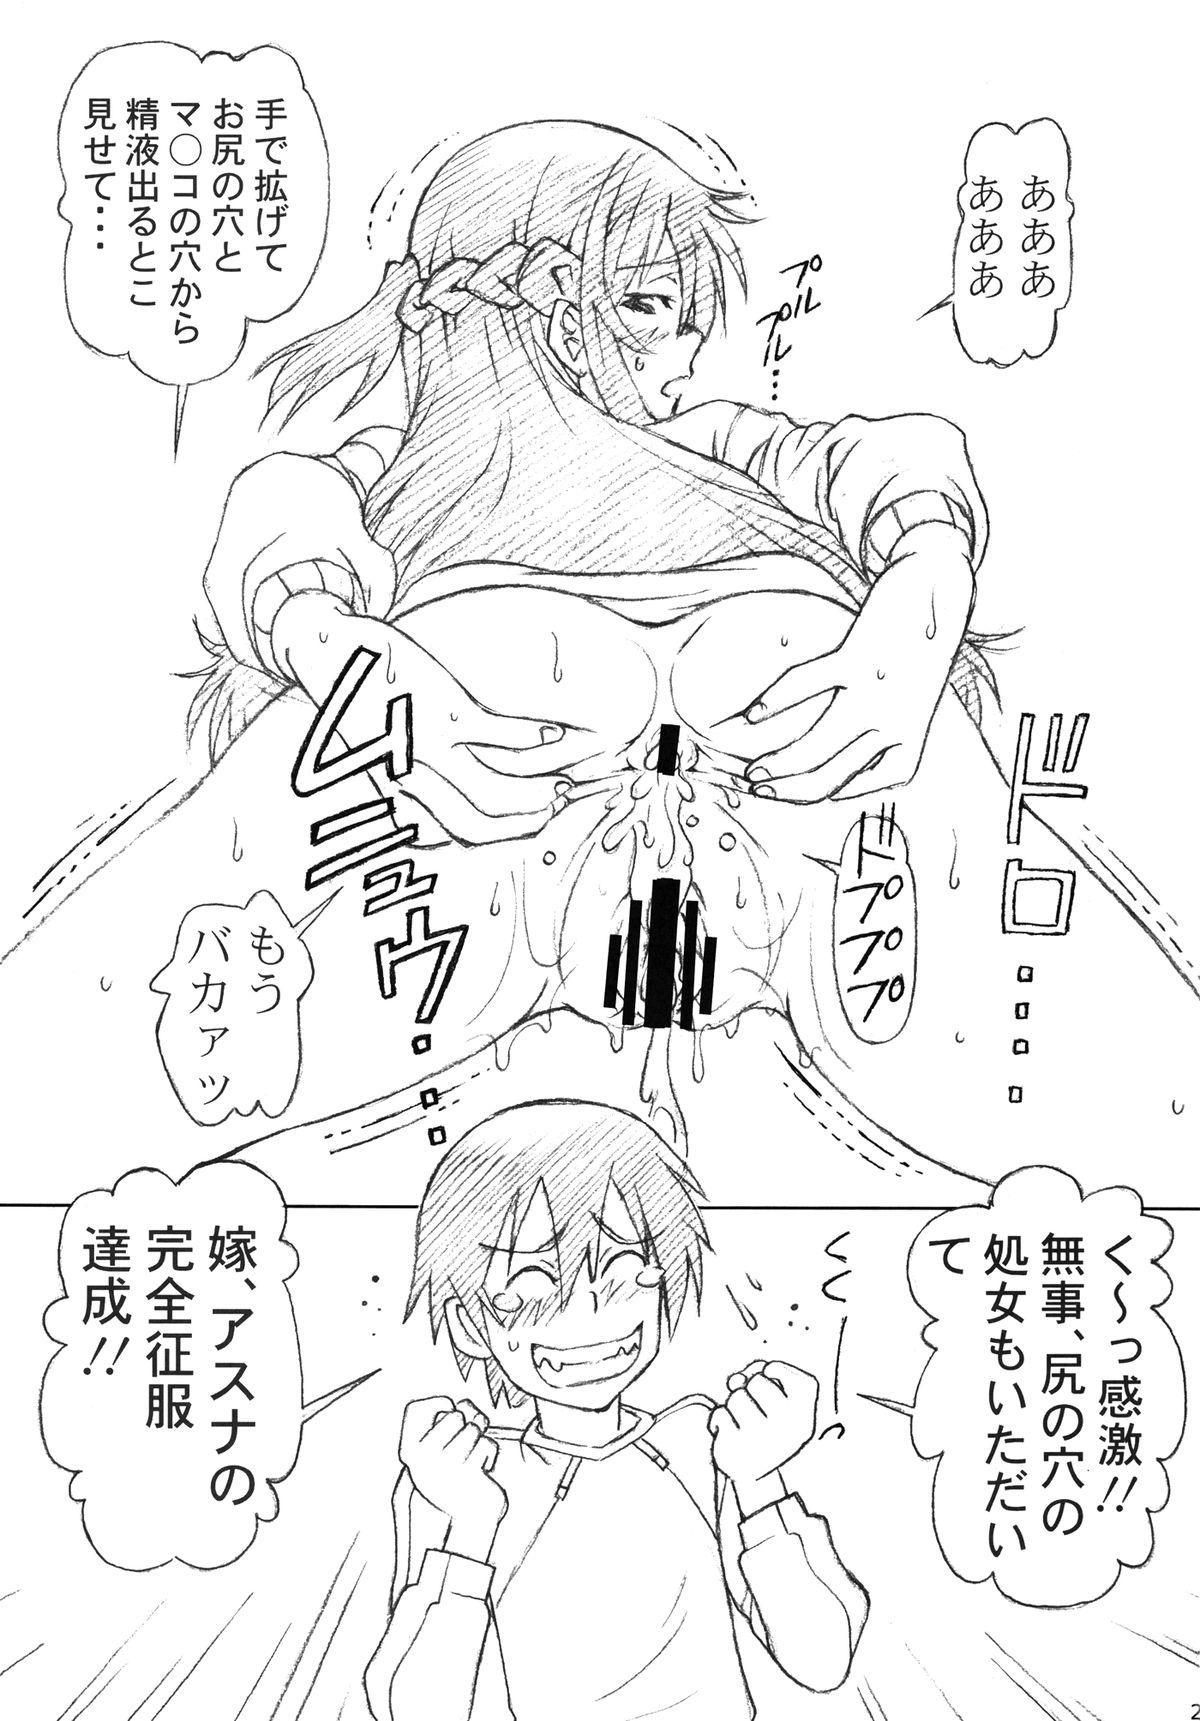 Asuna to Kirito no Icha Love Teki Shinkon Seikatsu 26